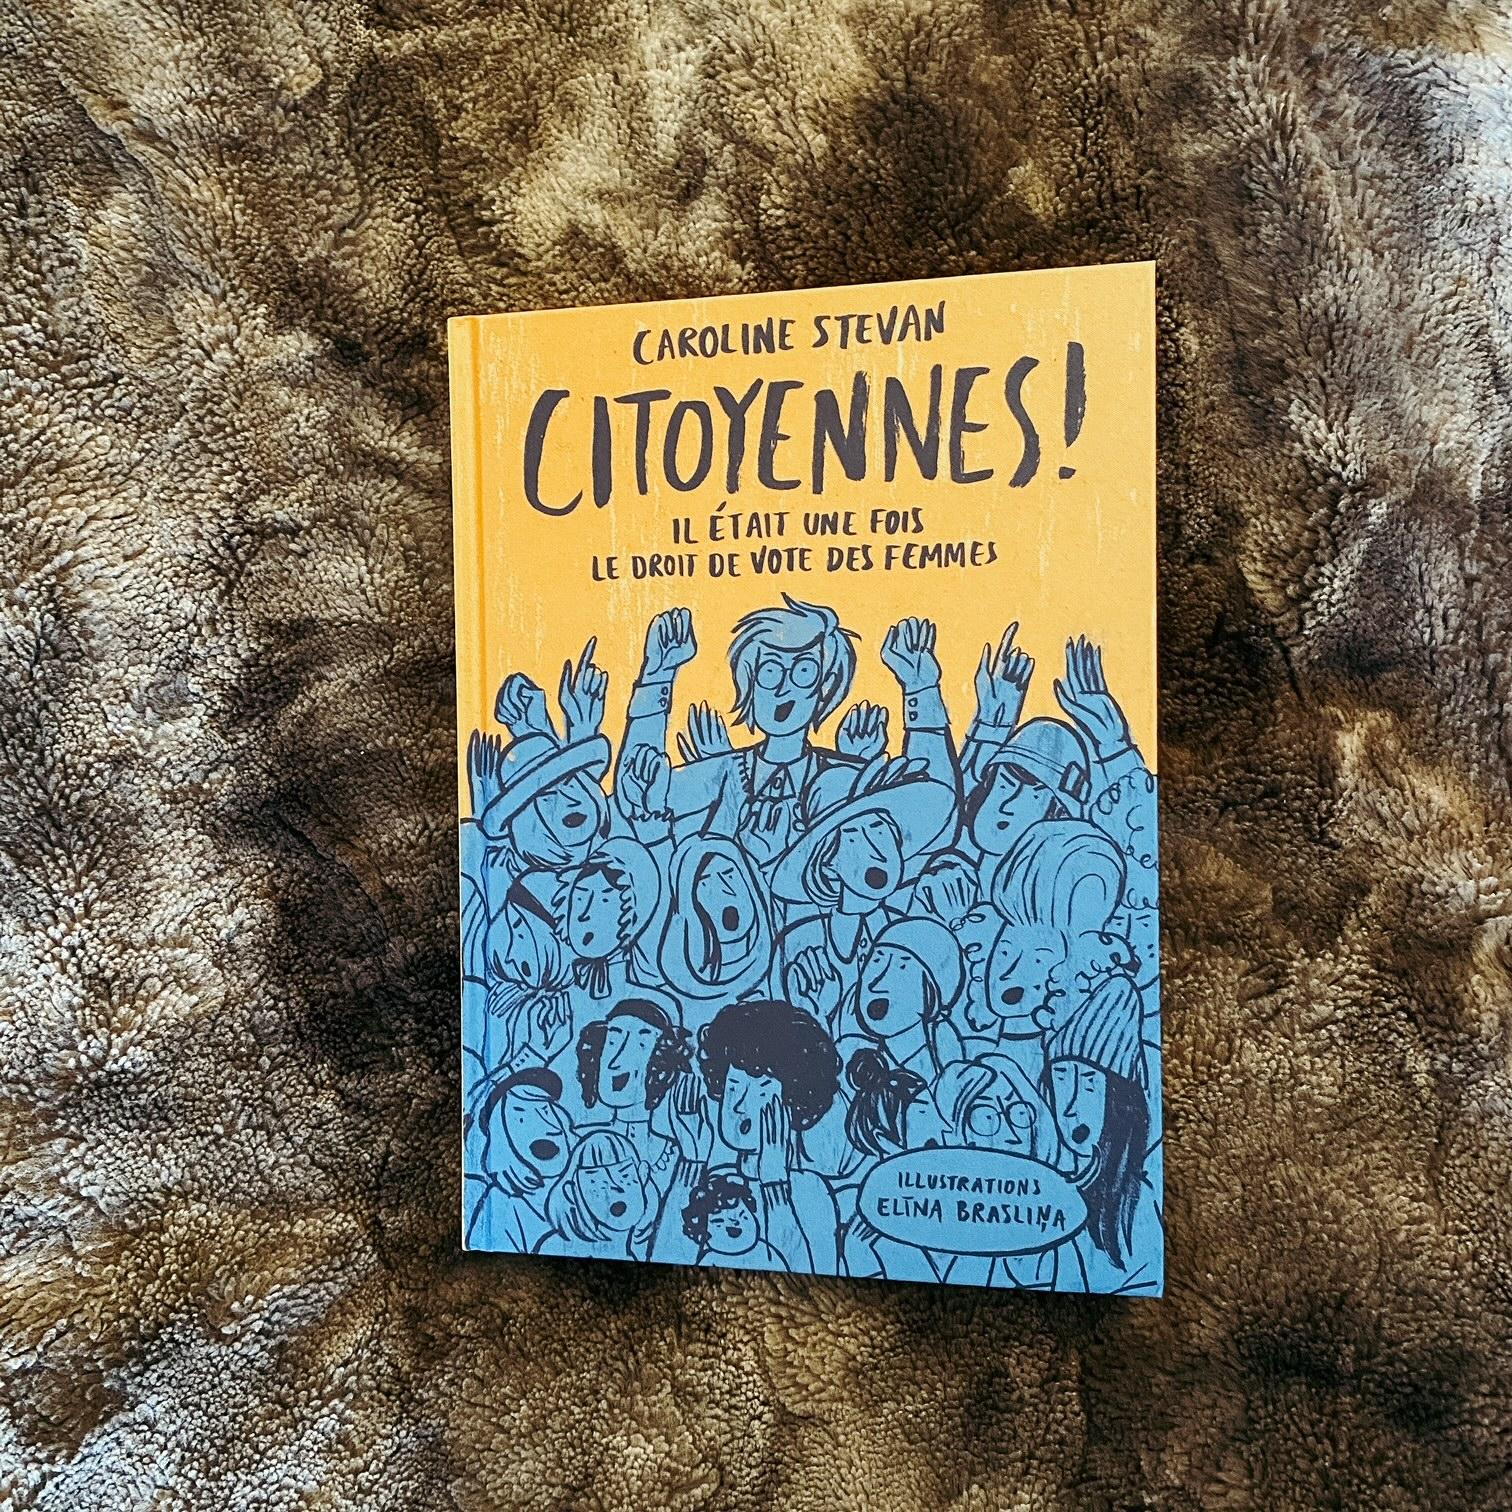 Citoyennes ! de Caroline Stevan Elina Braslina : il était une fois le vote des femmes